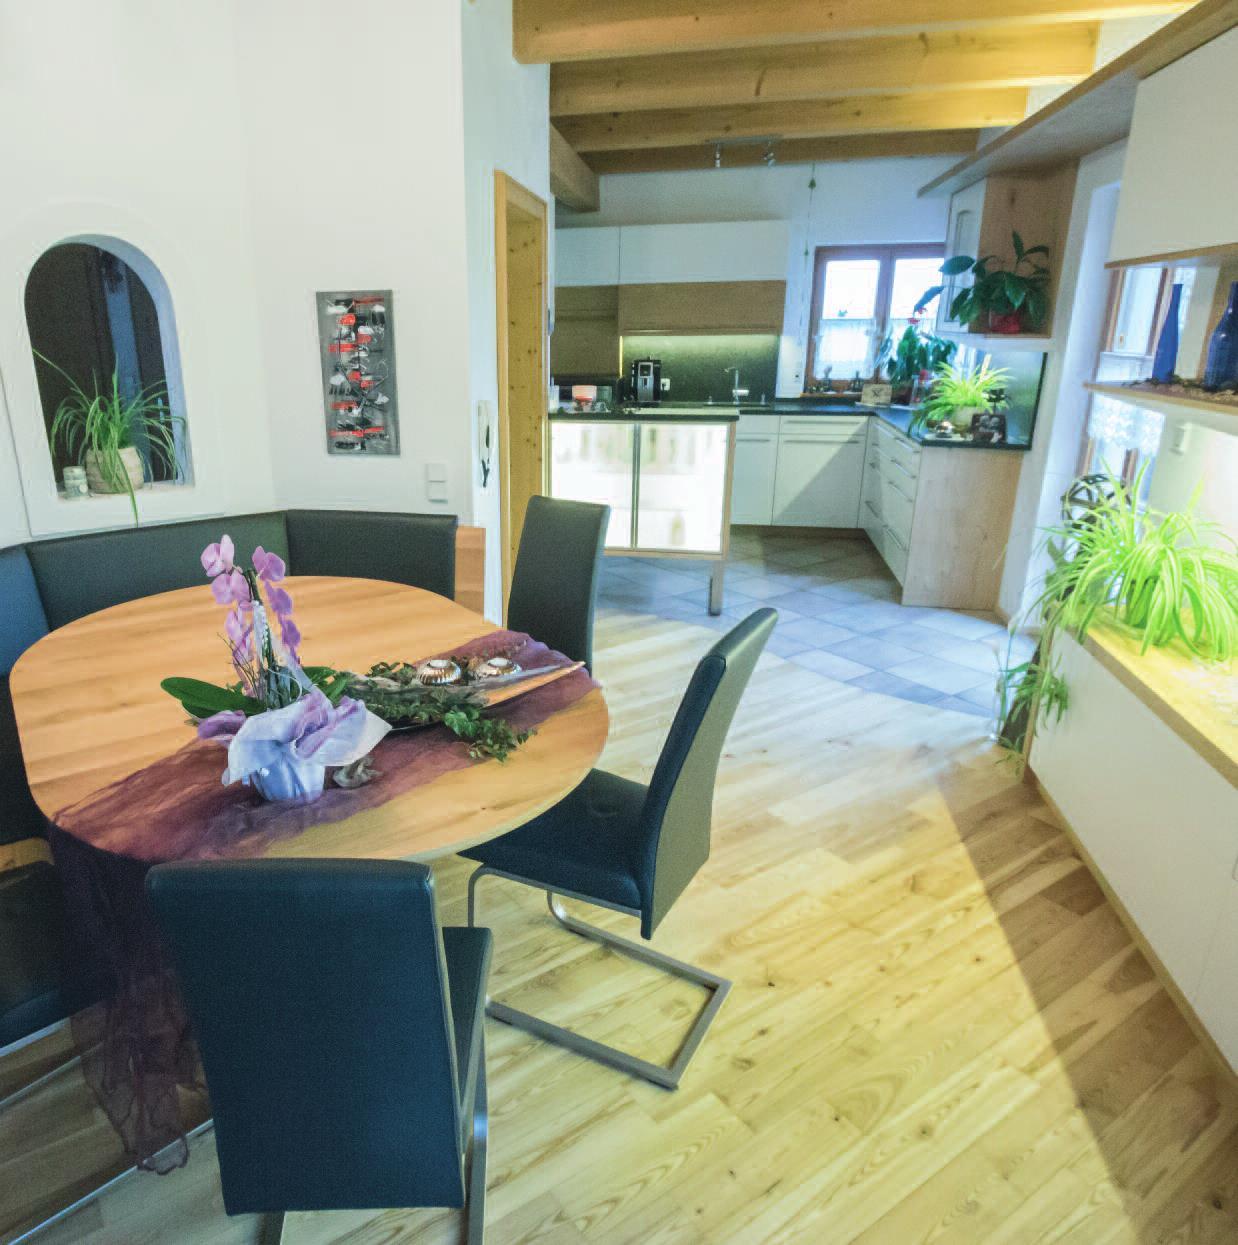 preiswerte schlafzimmer test bettdecken winter kr tze bettw sche bauhaus schlafzimmer lampe. Black Bedroom Furniture Sets. Home Design Ideas